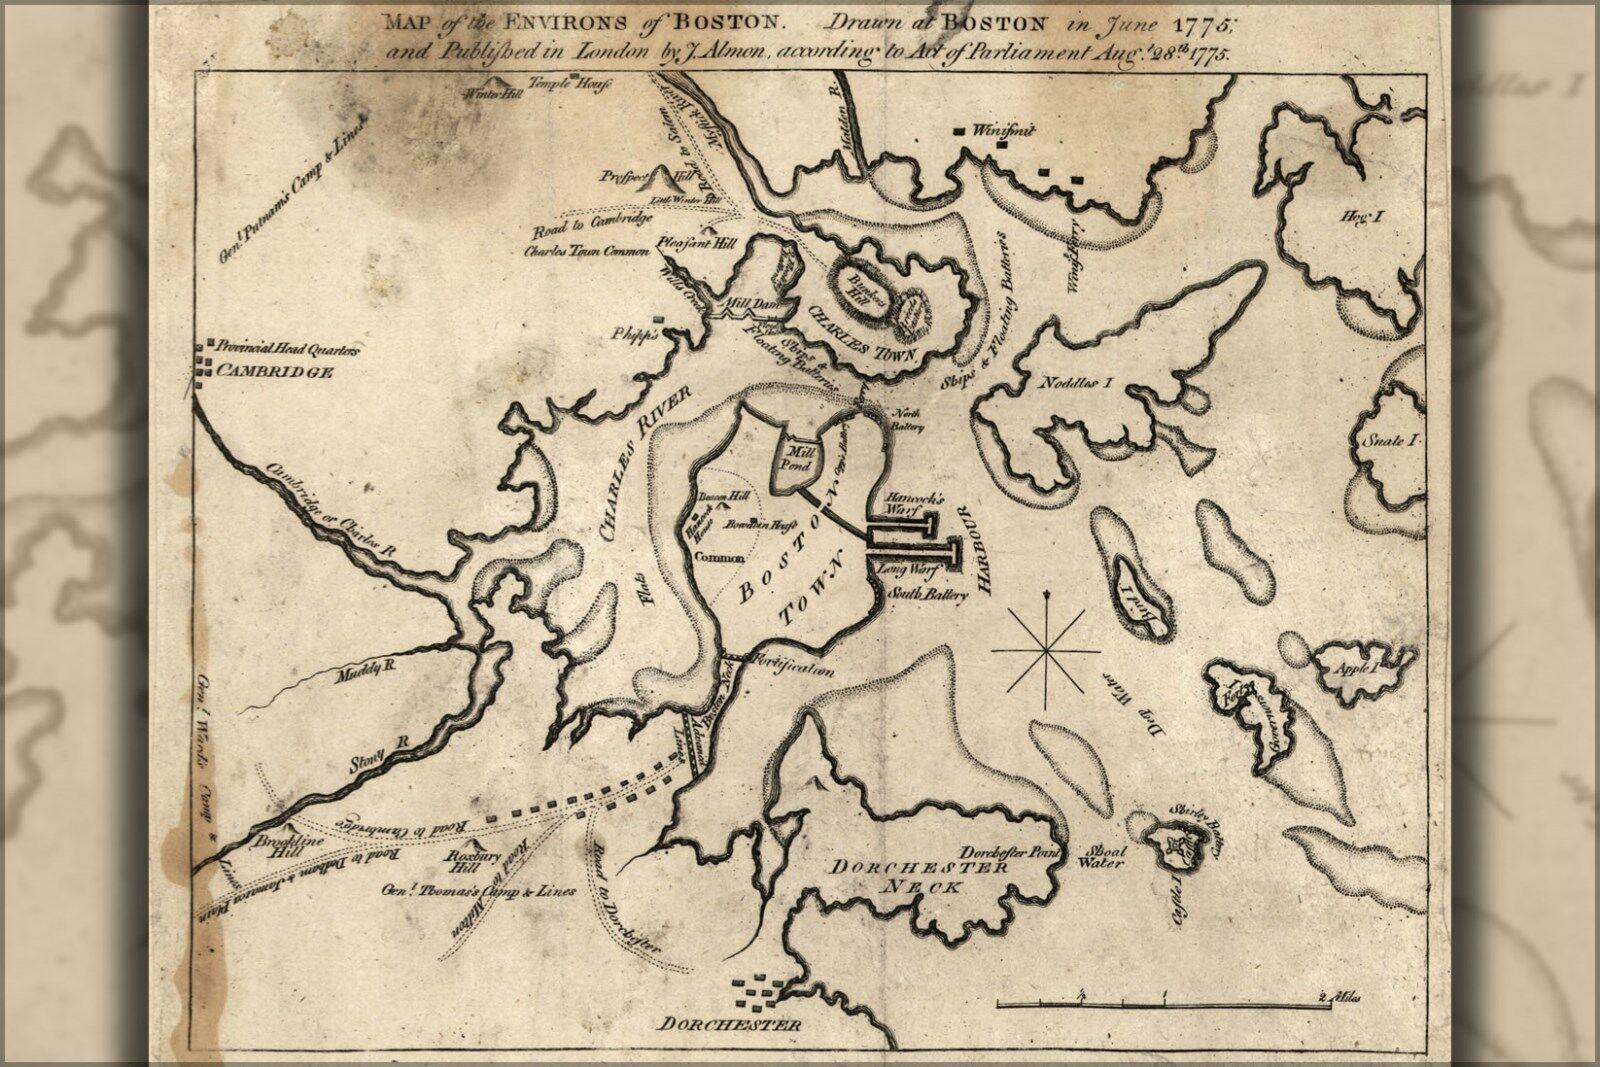 Plakat, Viele Größen; Landkarte der Environs Of Boston 1775